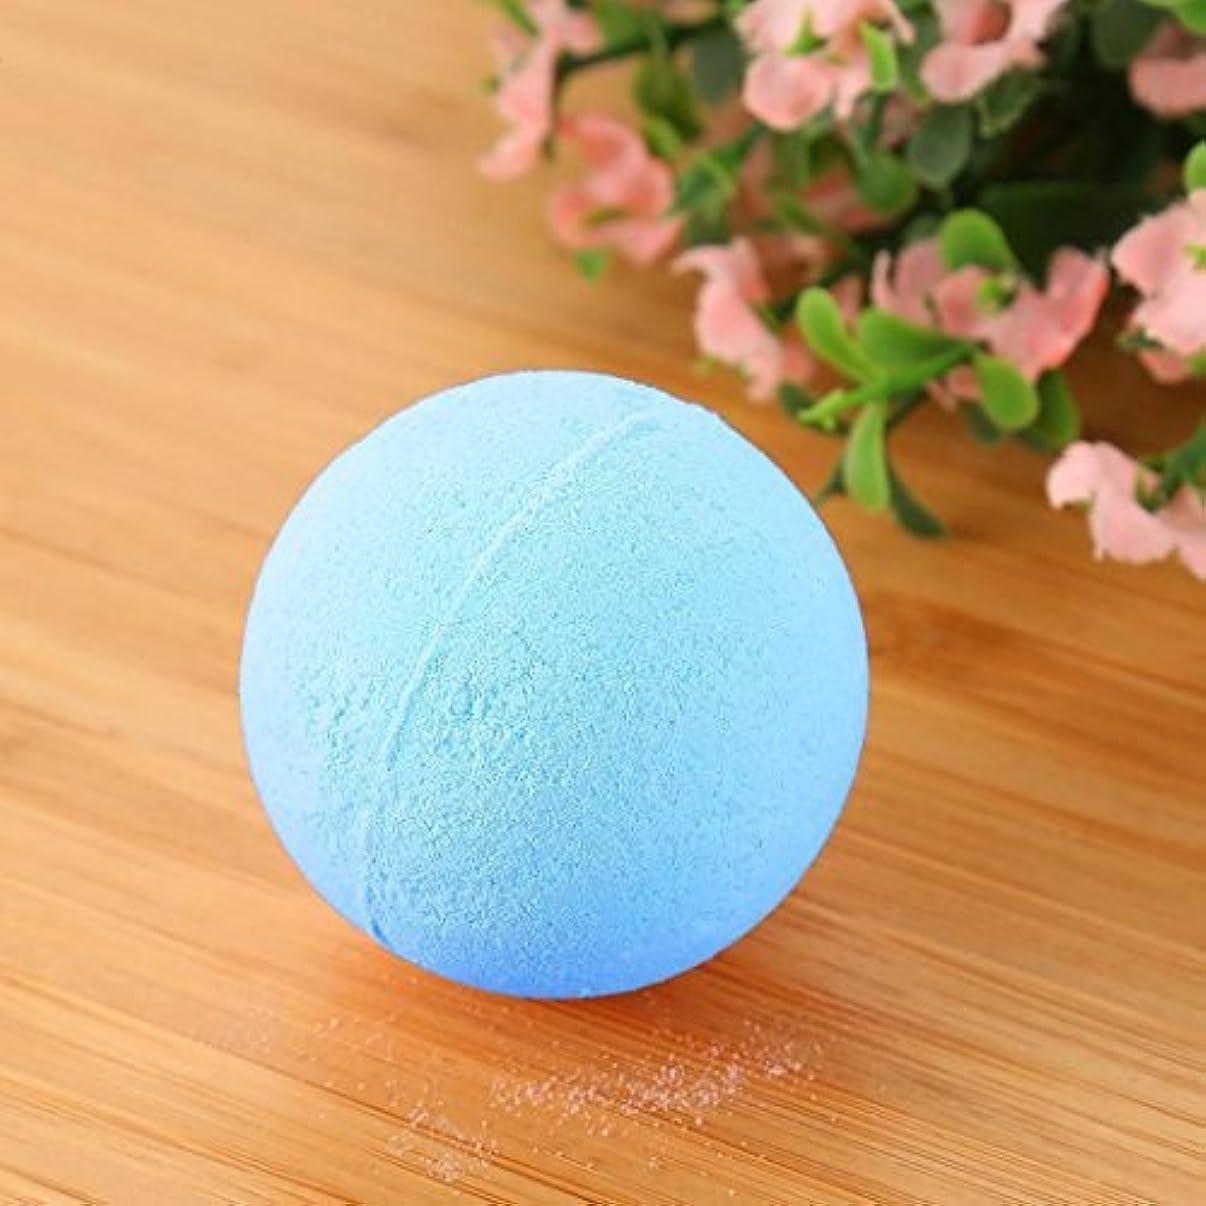 豪華なやさしい兄バブル塩風呂の贈り物のためにボールをリラックスした女性の塩